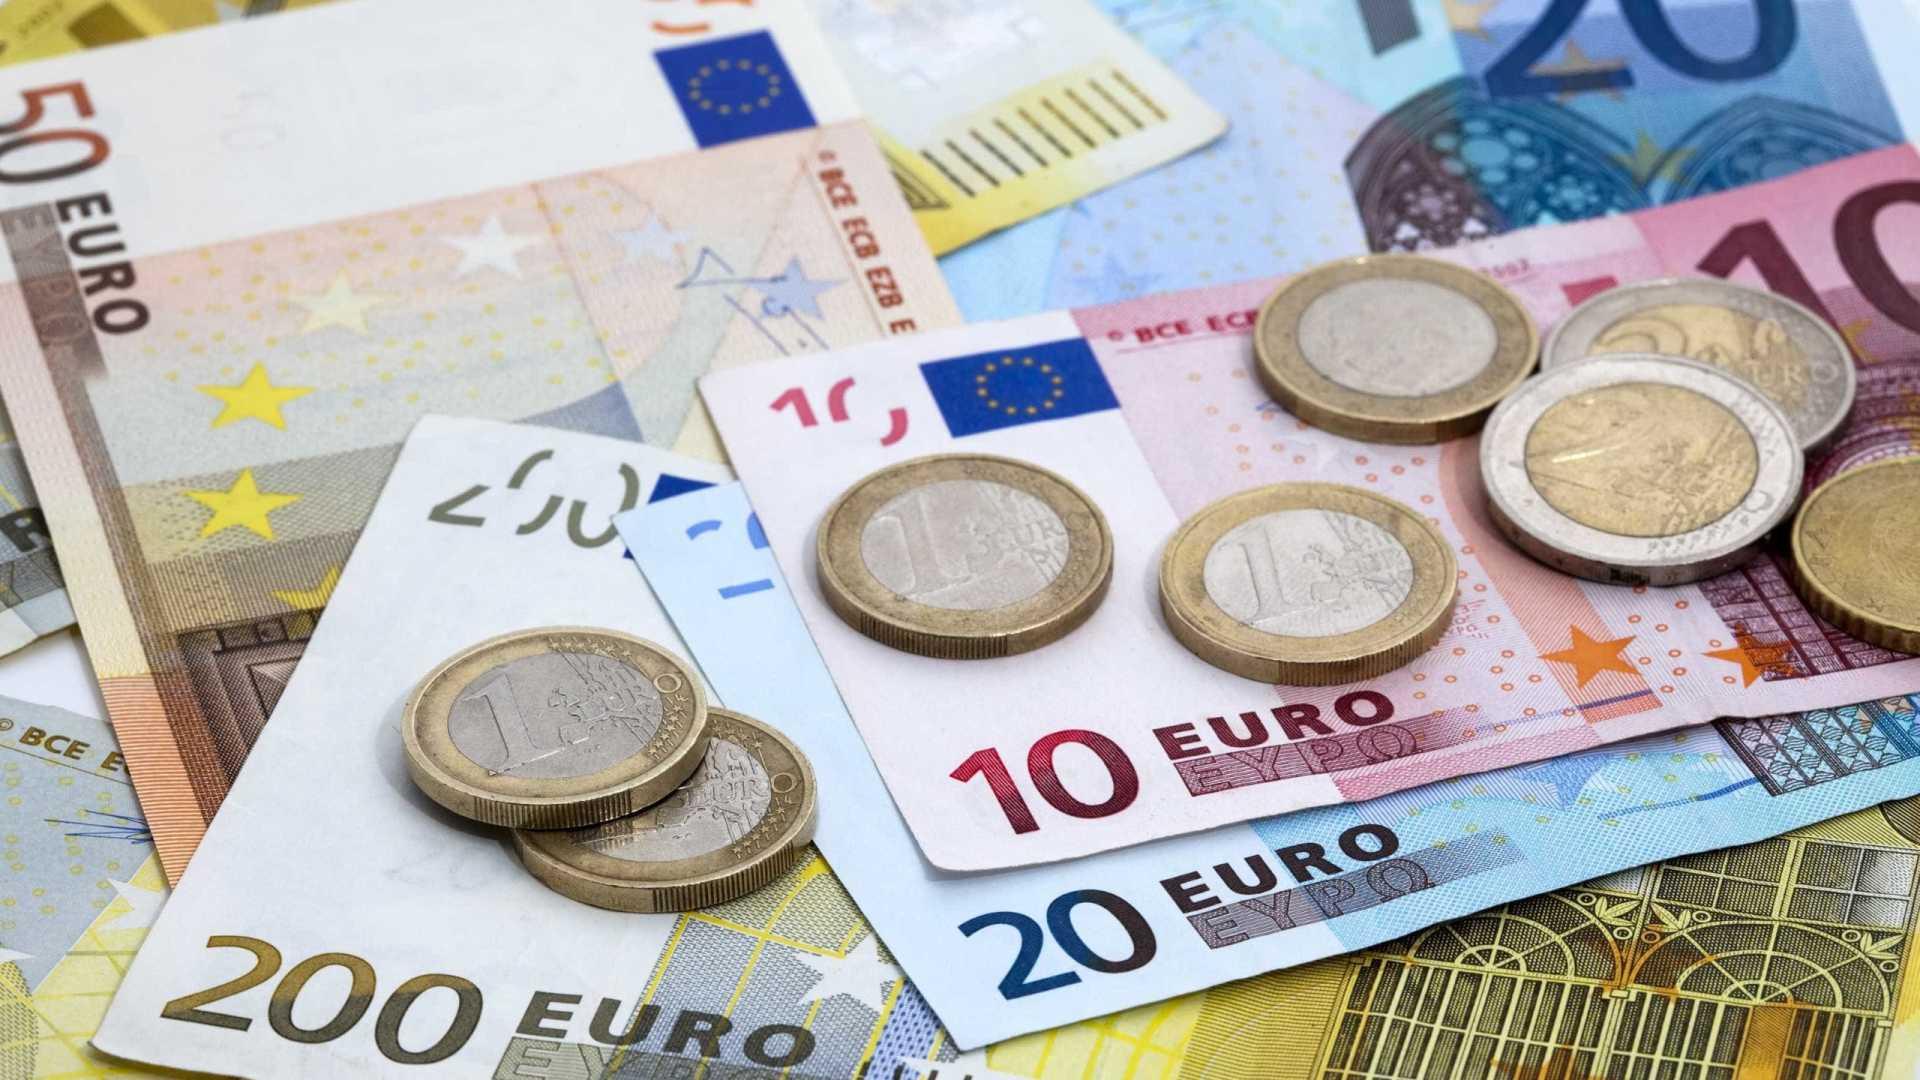 فشار فرانسه به شرکت های فناوری چند ملیتی؛ مکرون: نهار مجانی وجود ندارد/ طلا به ۱۵۰۰ دلار چشم دوخته/ نباید دربازارهای خارجی دنبال غذا باشیم